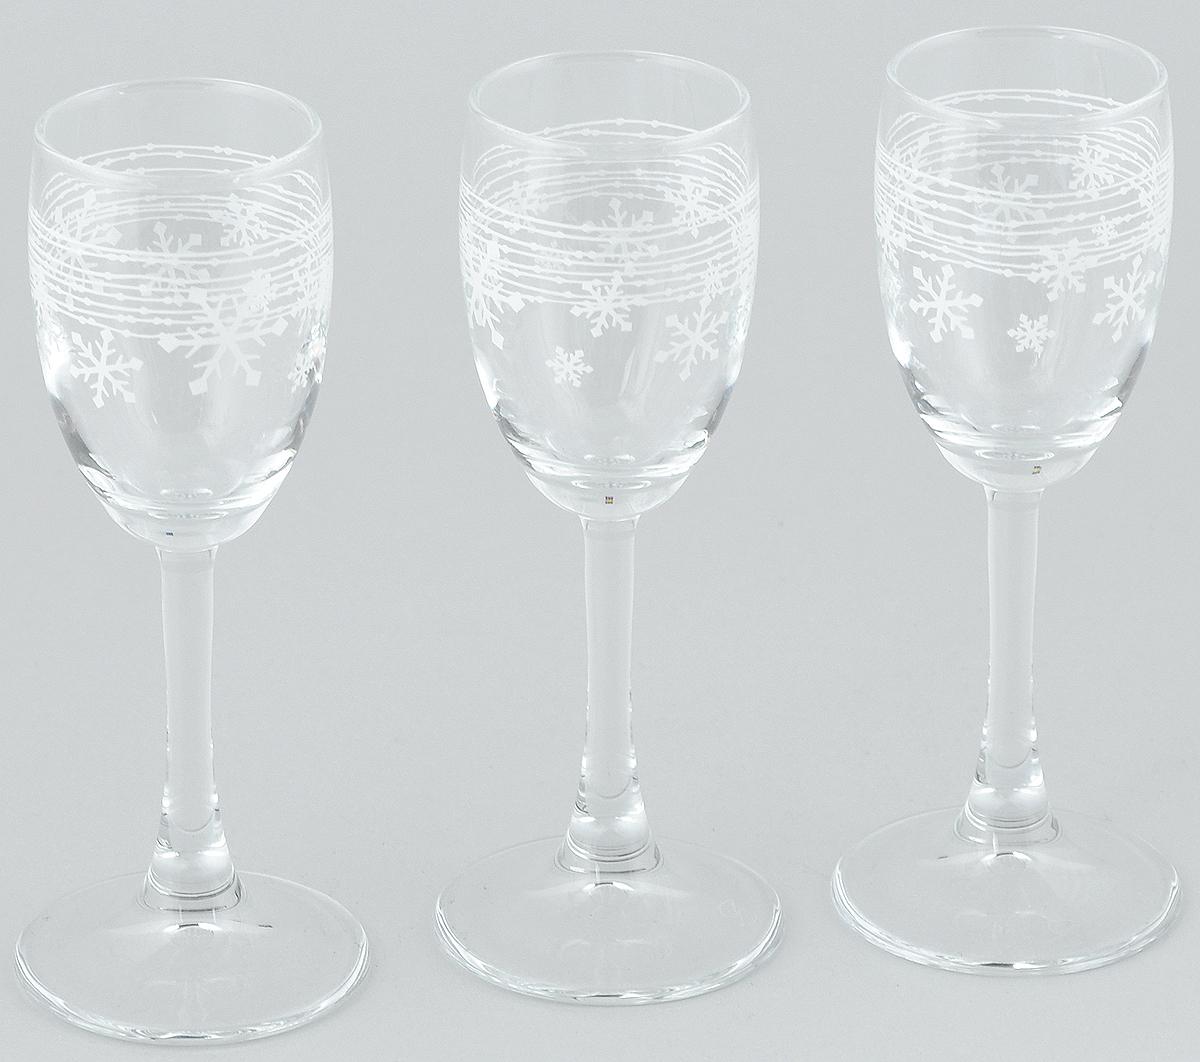 Набор рюмок Pasabahce Workshop Snowflake, 60 мл, 3 шт440043B/DНабор Pasabahce Workshop Snowflake состоит из 3 рюмок, изготовленных из прочного натрий-кальций-силикатного стекла. Изделия, предназначенные для подачи ликера и других спиртных напитков, несомненно придутся вам по душе. Рюмки сочетают в себе элегантный дизайн и функциональность. Набор рюмок Pasabahce Workshop Snowflake идеально подойдет для сервировки стола и станет отличным подарком к любому празднику. Диаметр рюмки по верхнему краю: 4 см. Высота рюмки: 14 см.